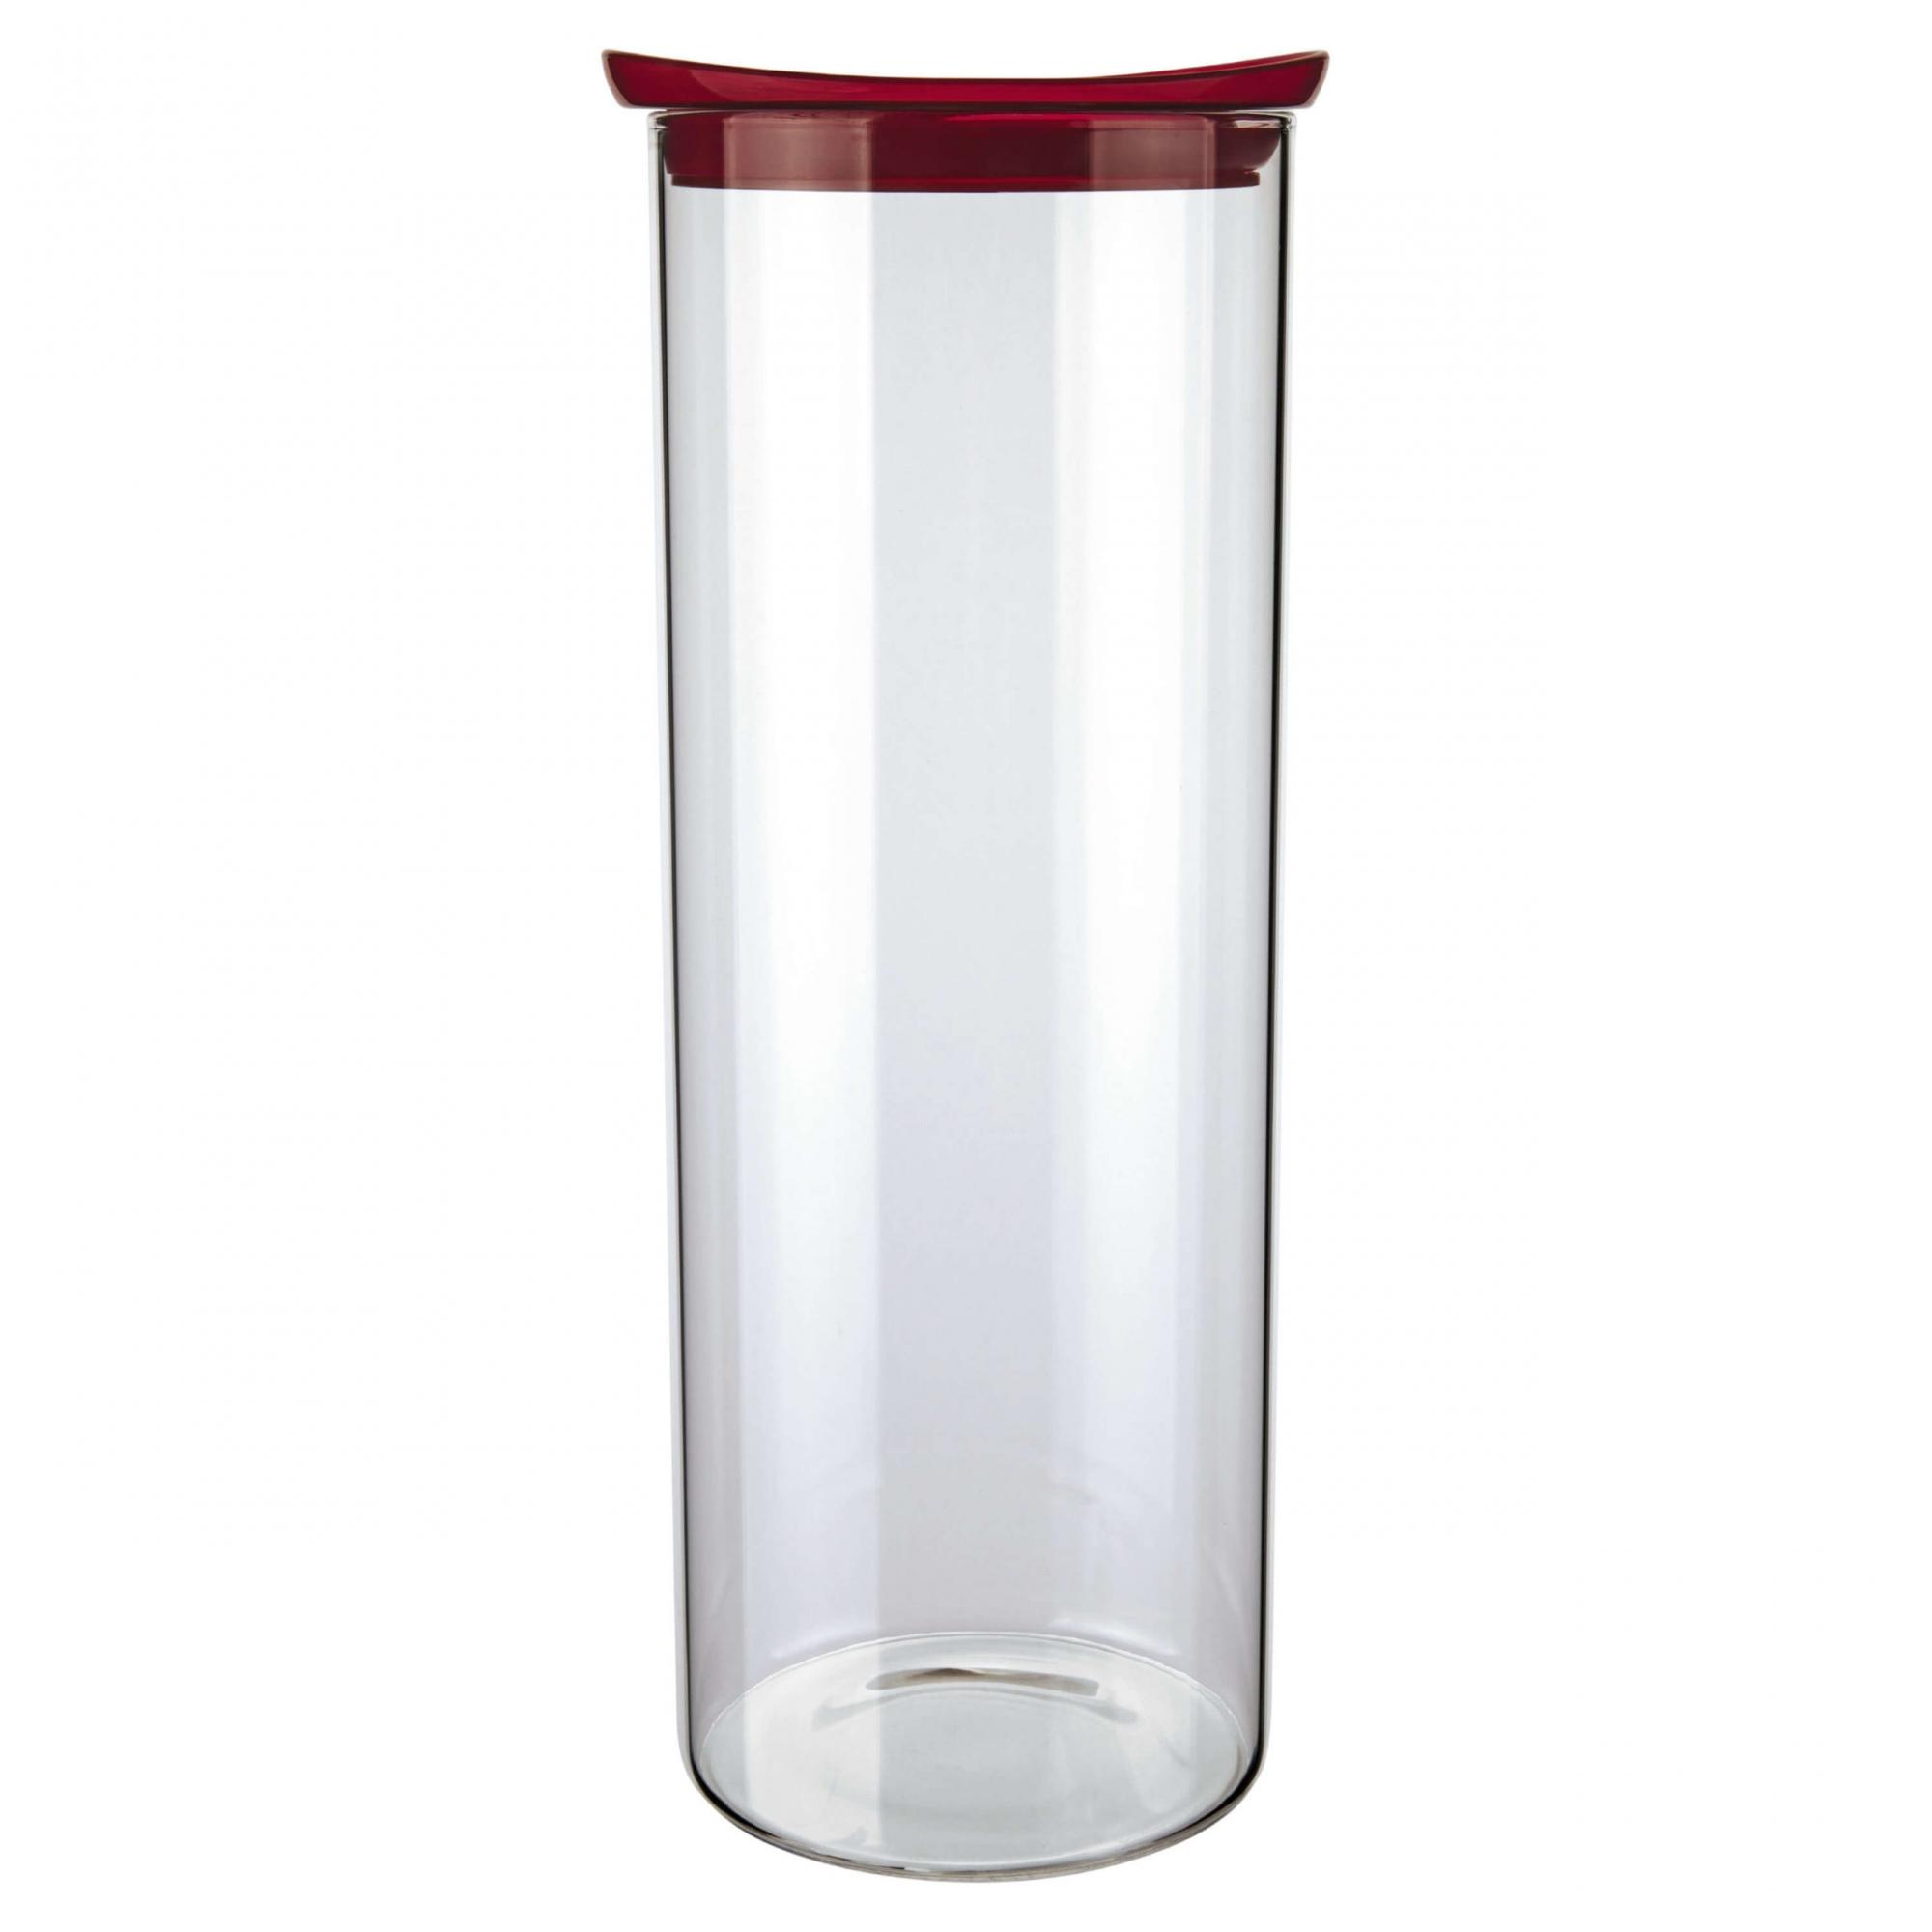 Pote de vidro Slim com tampa plástica 1,7 L vermelho